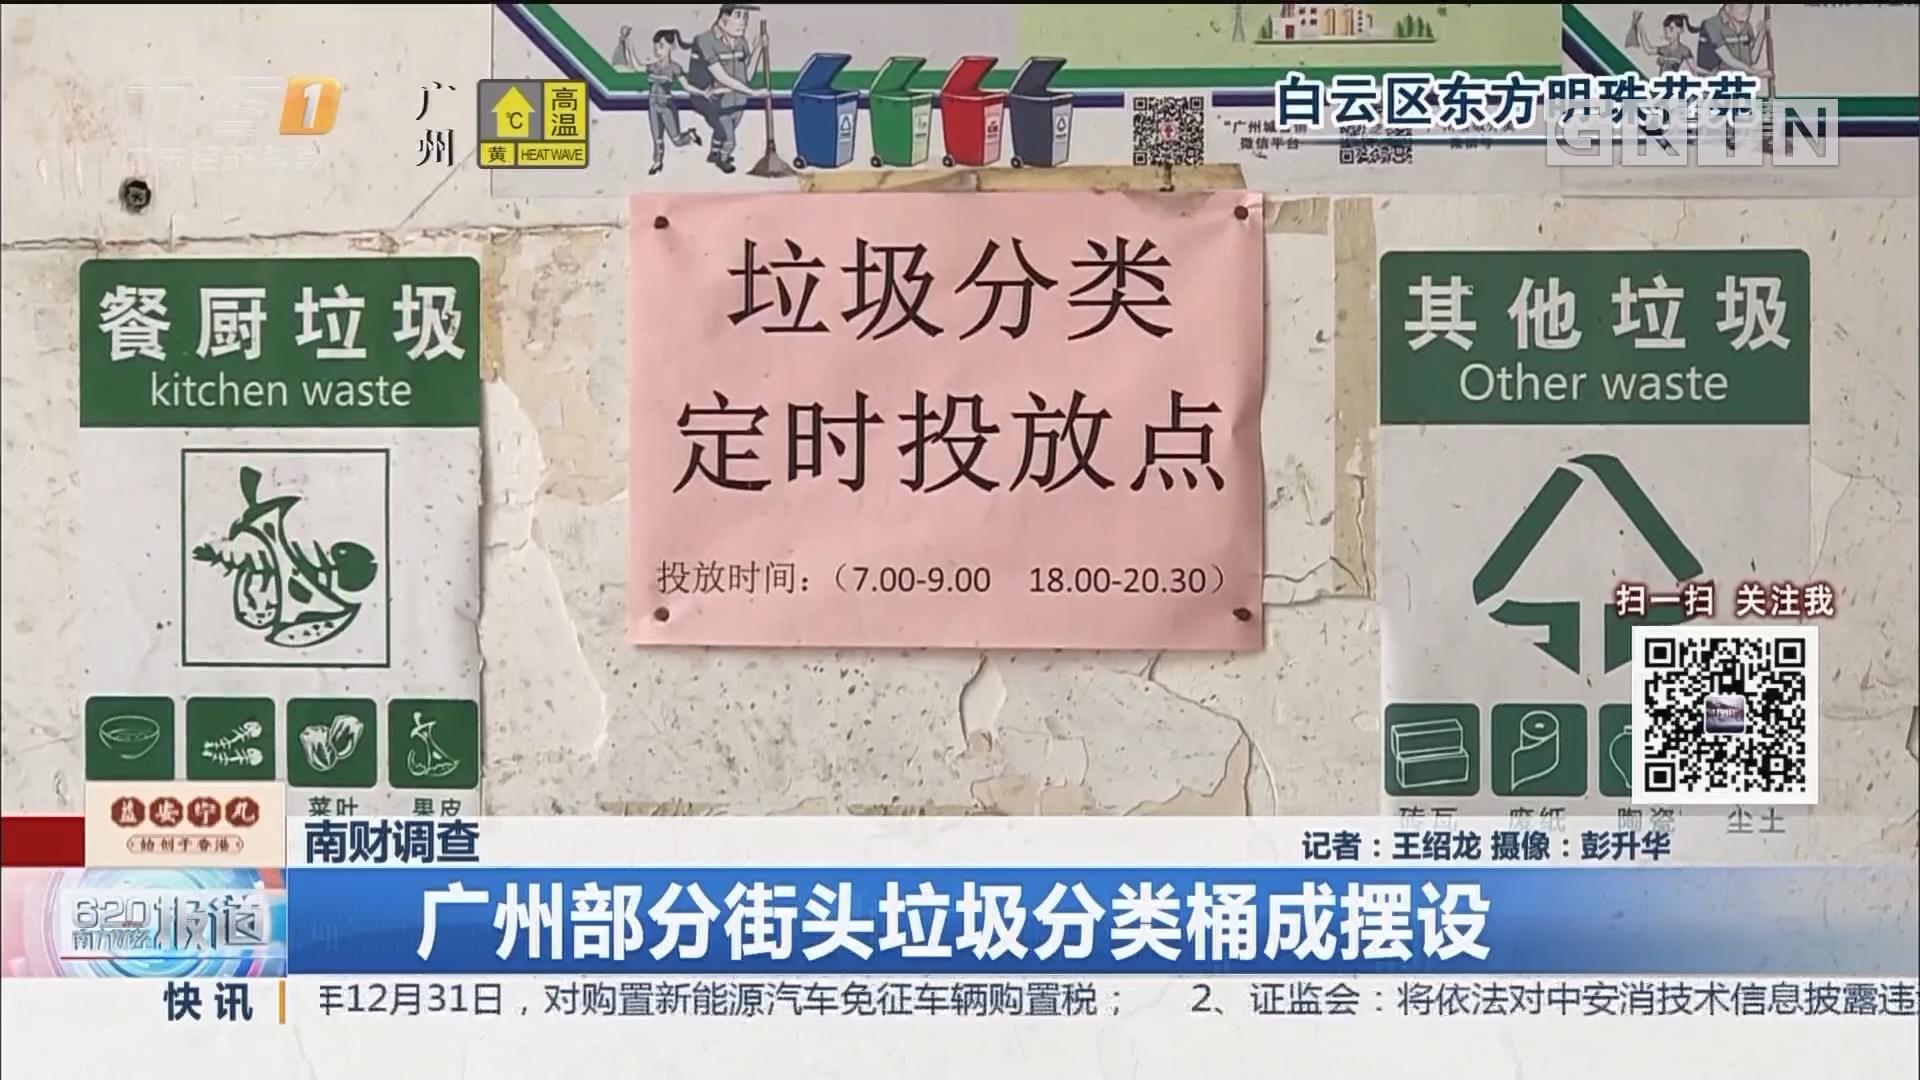 南财调查:广州部分街头垃圾分类桶成摆设